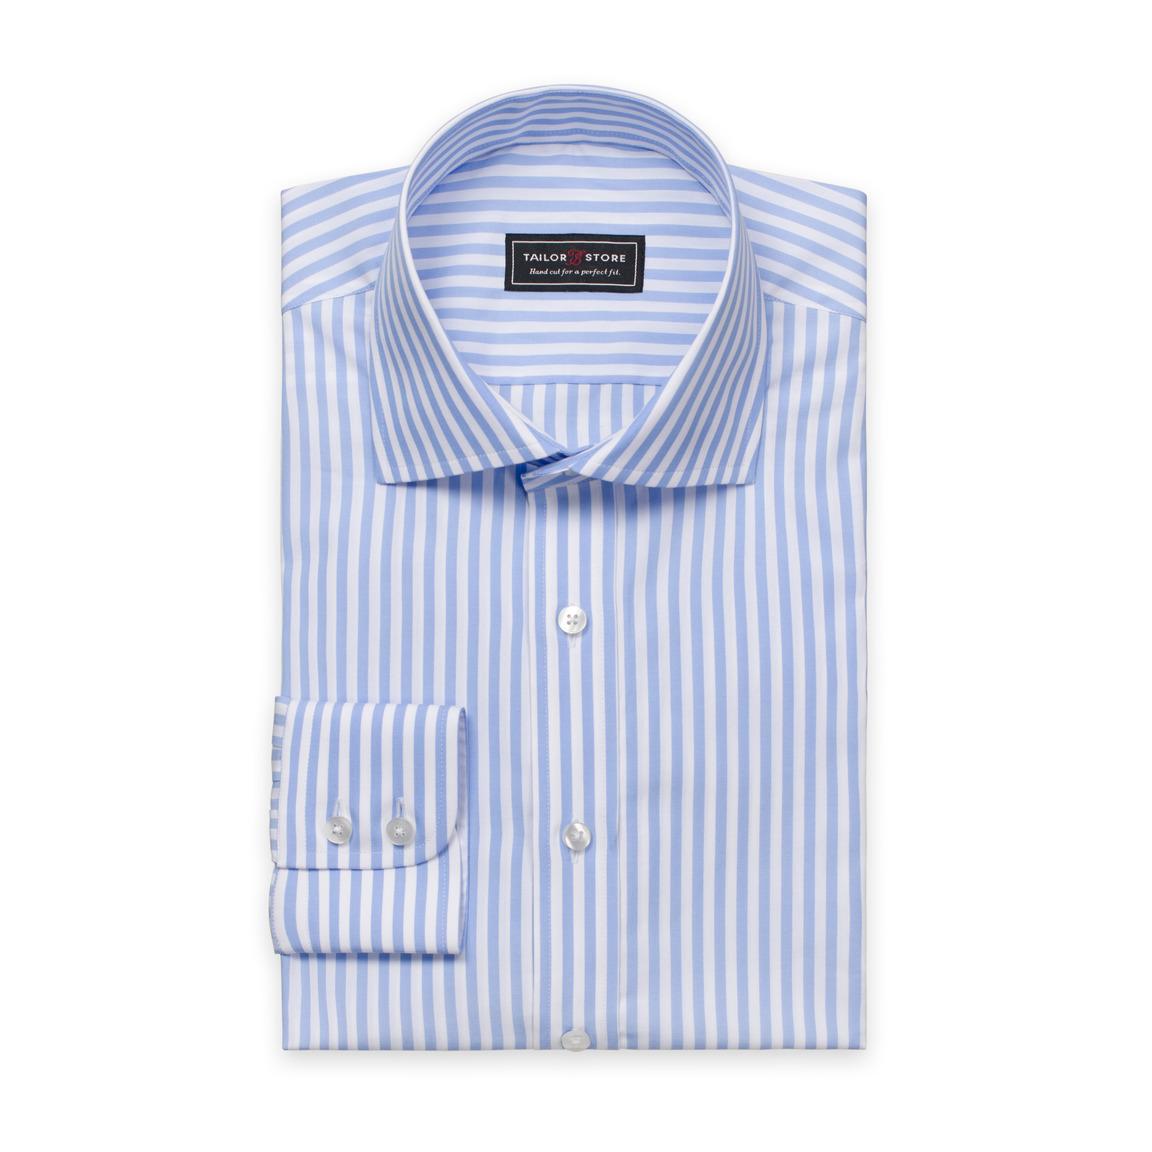 Vit/Blårandig poplinskjorta